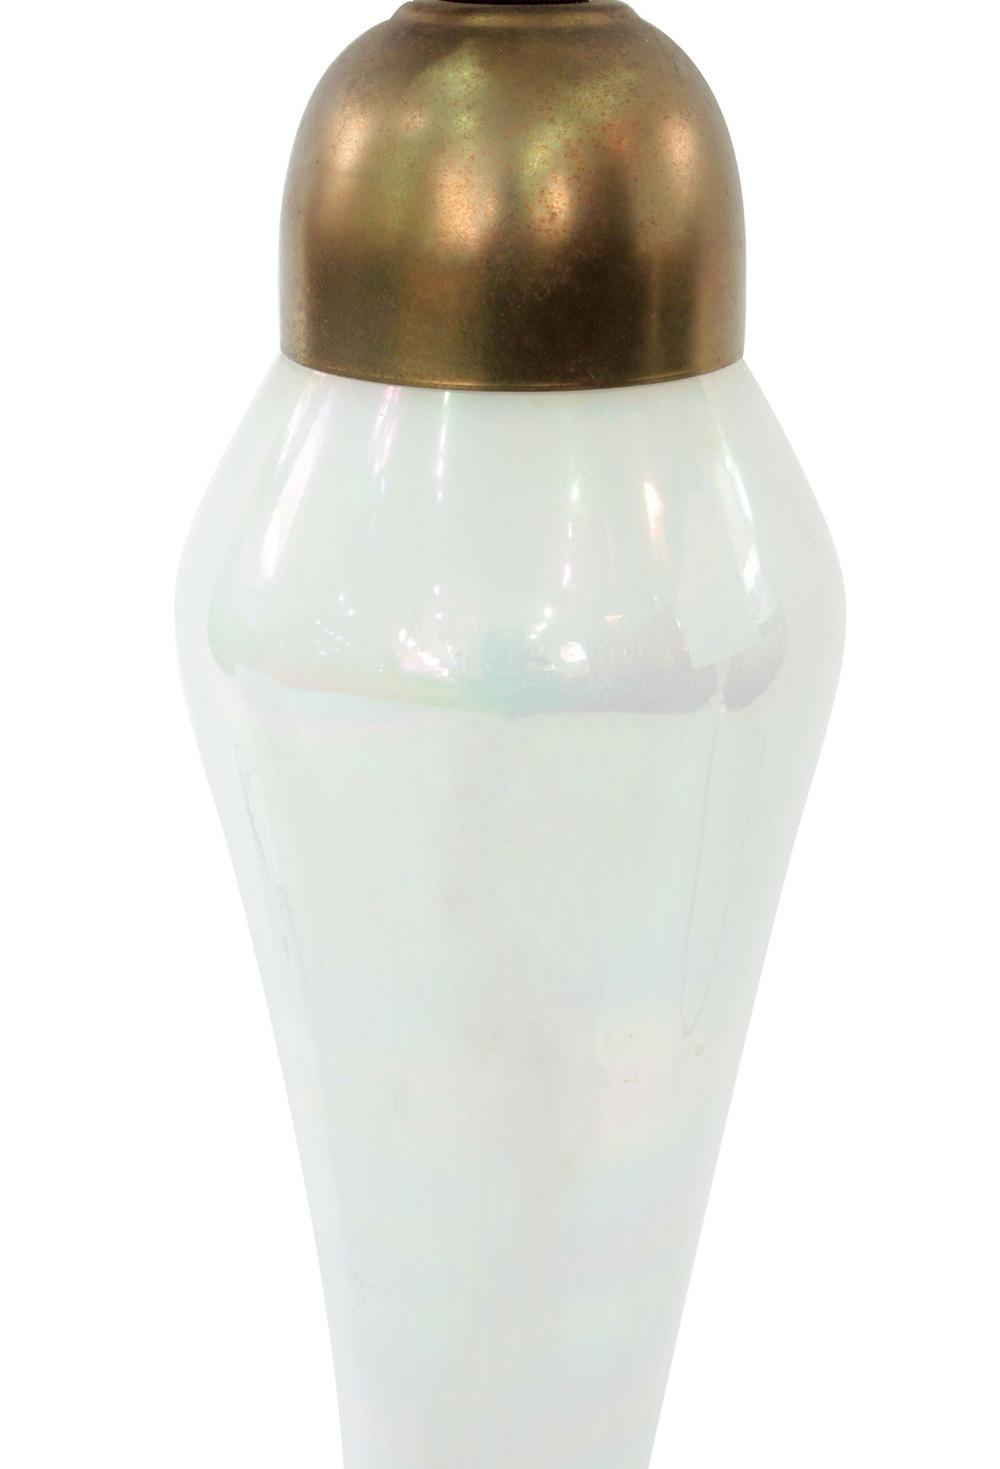 50's 45 opalescnt brass bases tablelamps319 detail4 hires.jpg